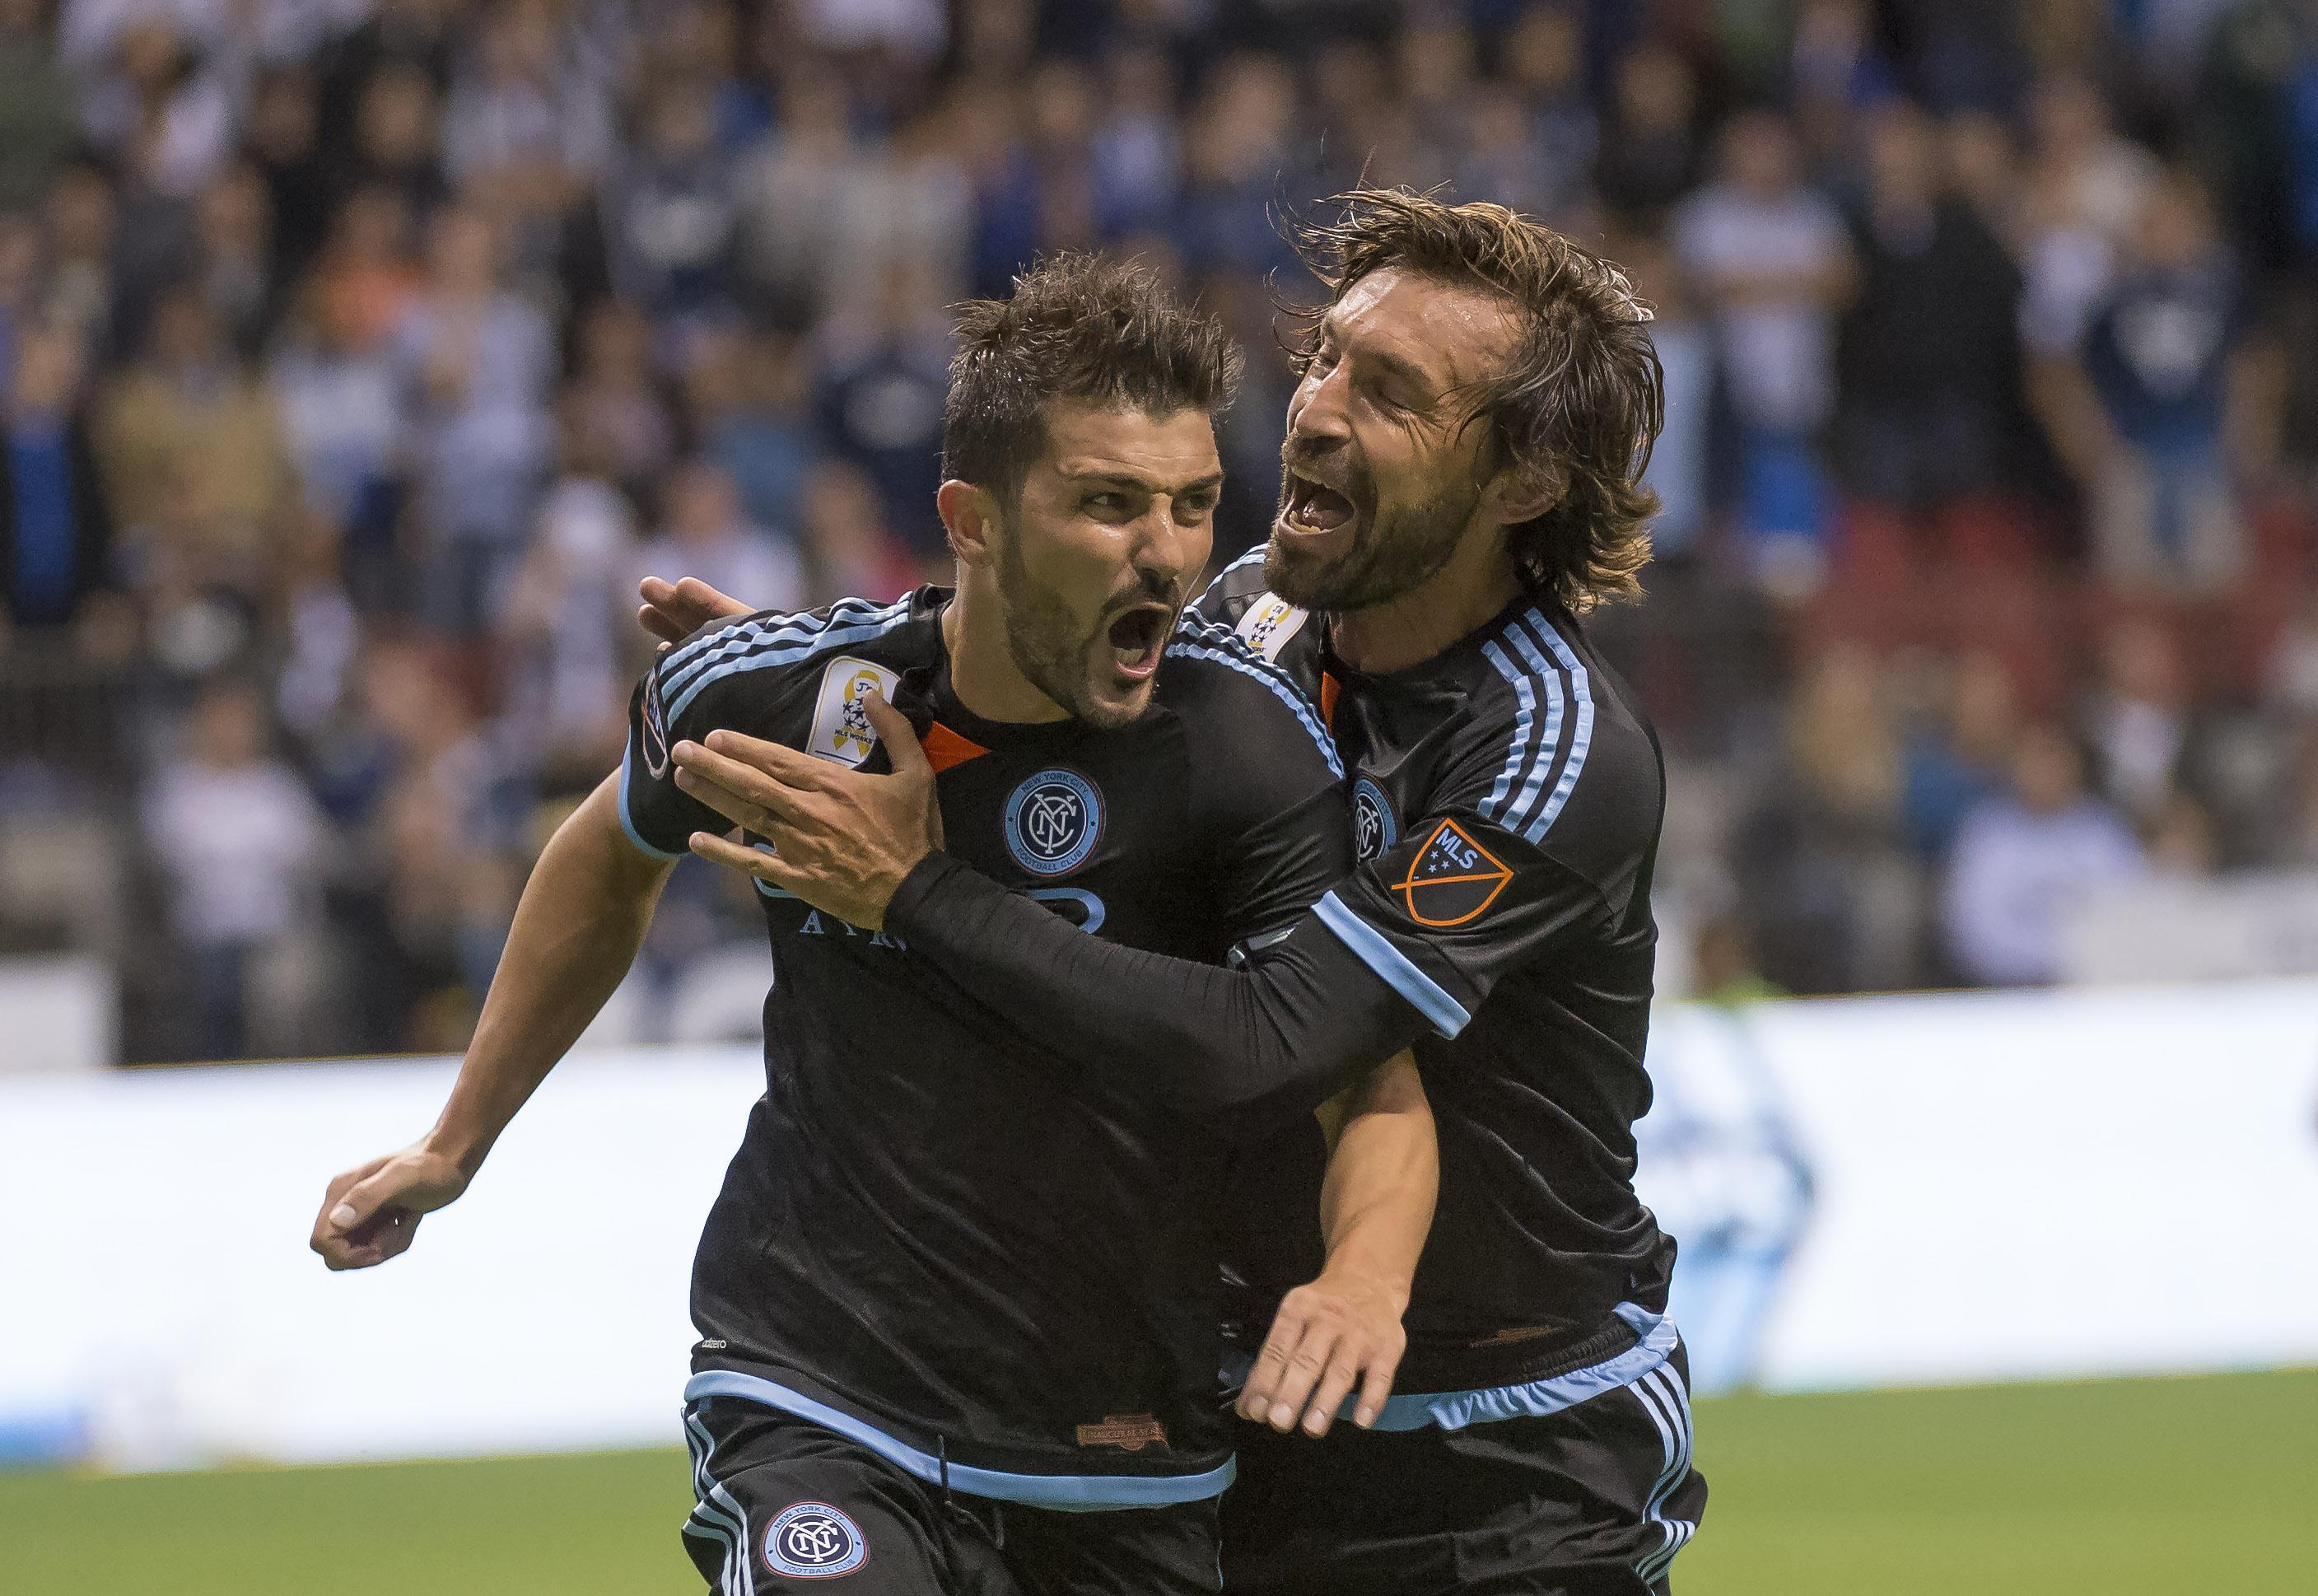 Pirlo played alongside David Villa and Frank Lampard at NYCFC